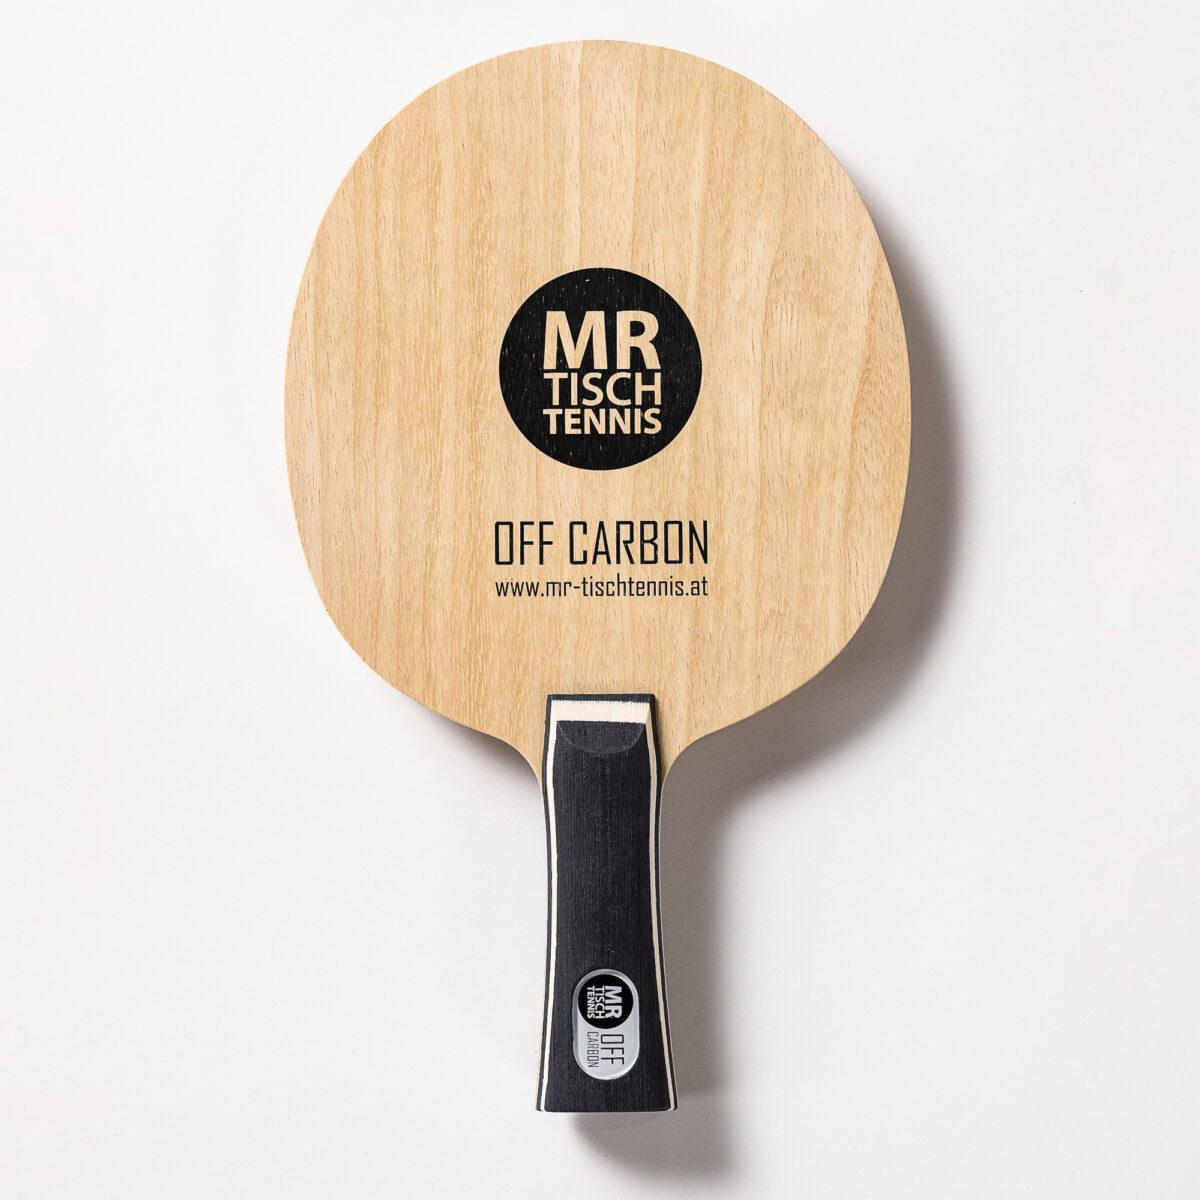 Mr. Tischtennis Off Carbon konkav